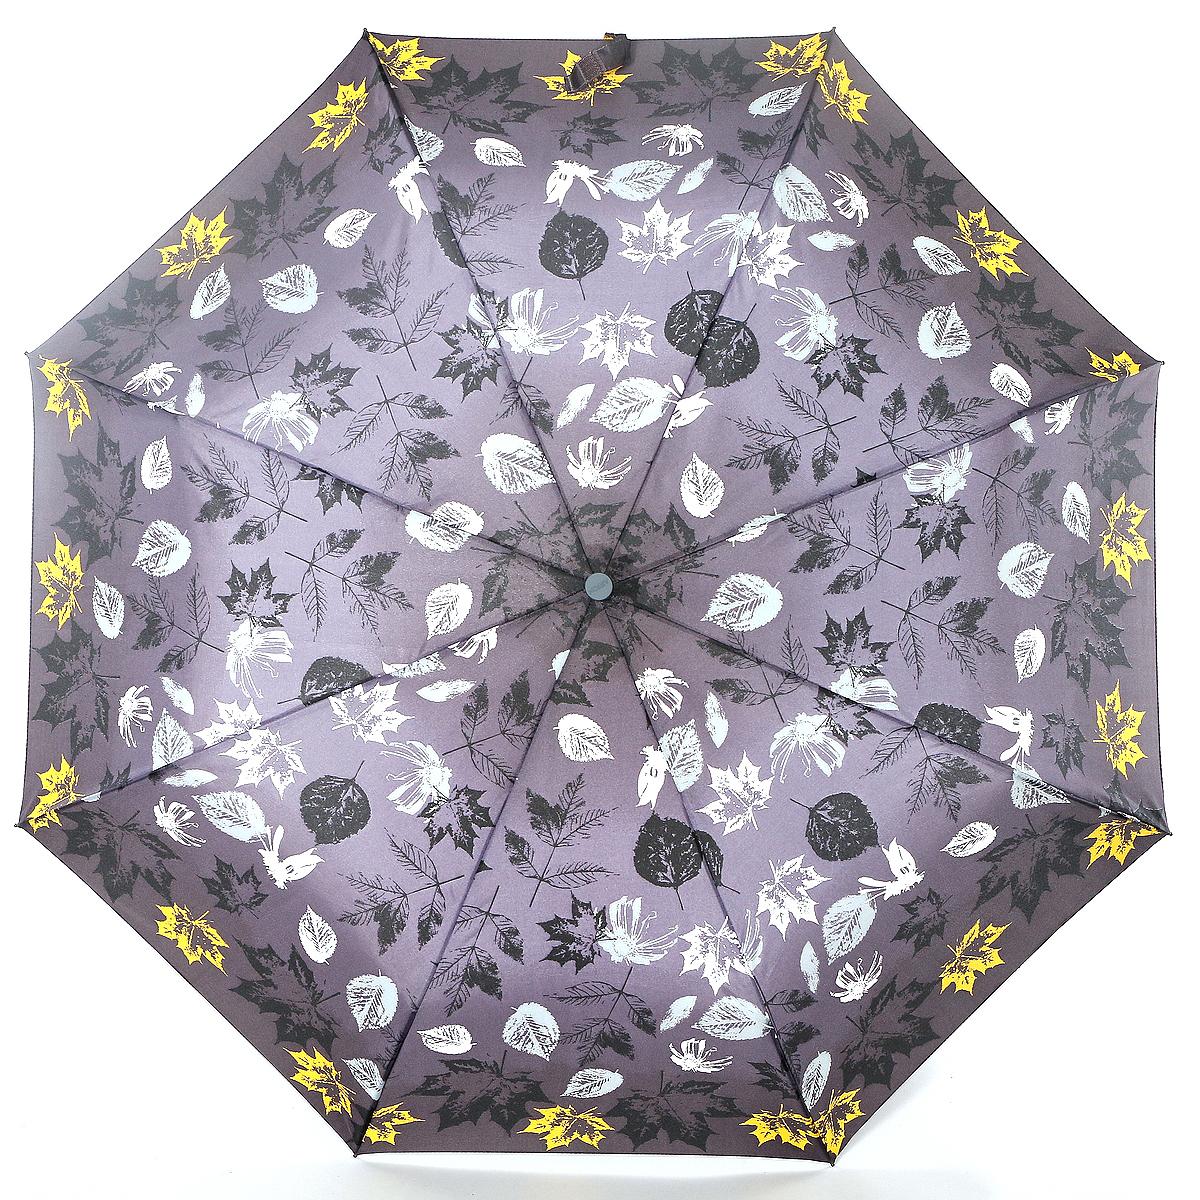 Зонт женский Airton, механика, 3 сложения, цвет: серый, желтый, белый. 3515-096 зонт airton 3515 женский механический